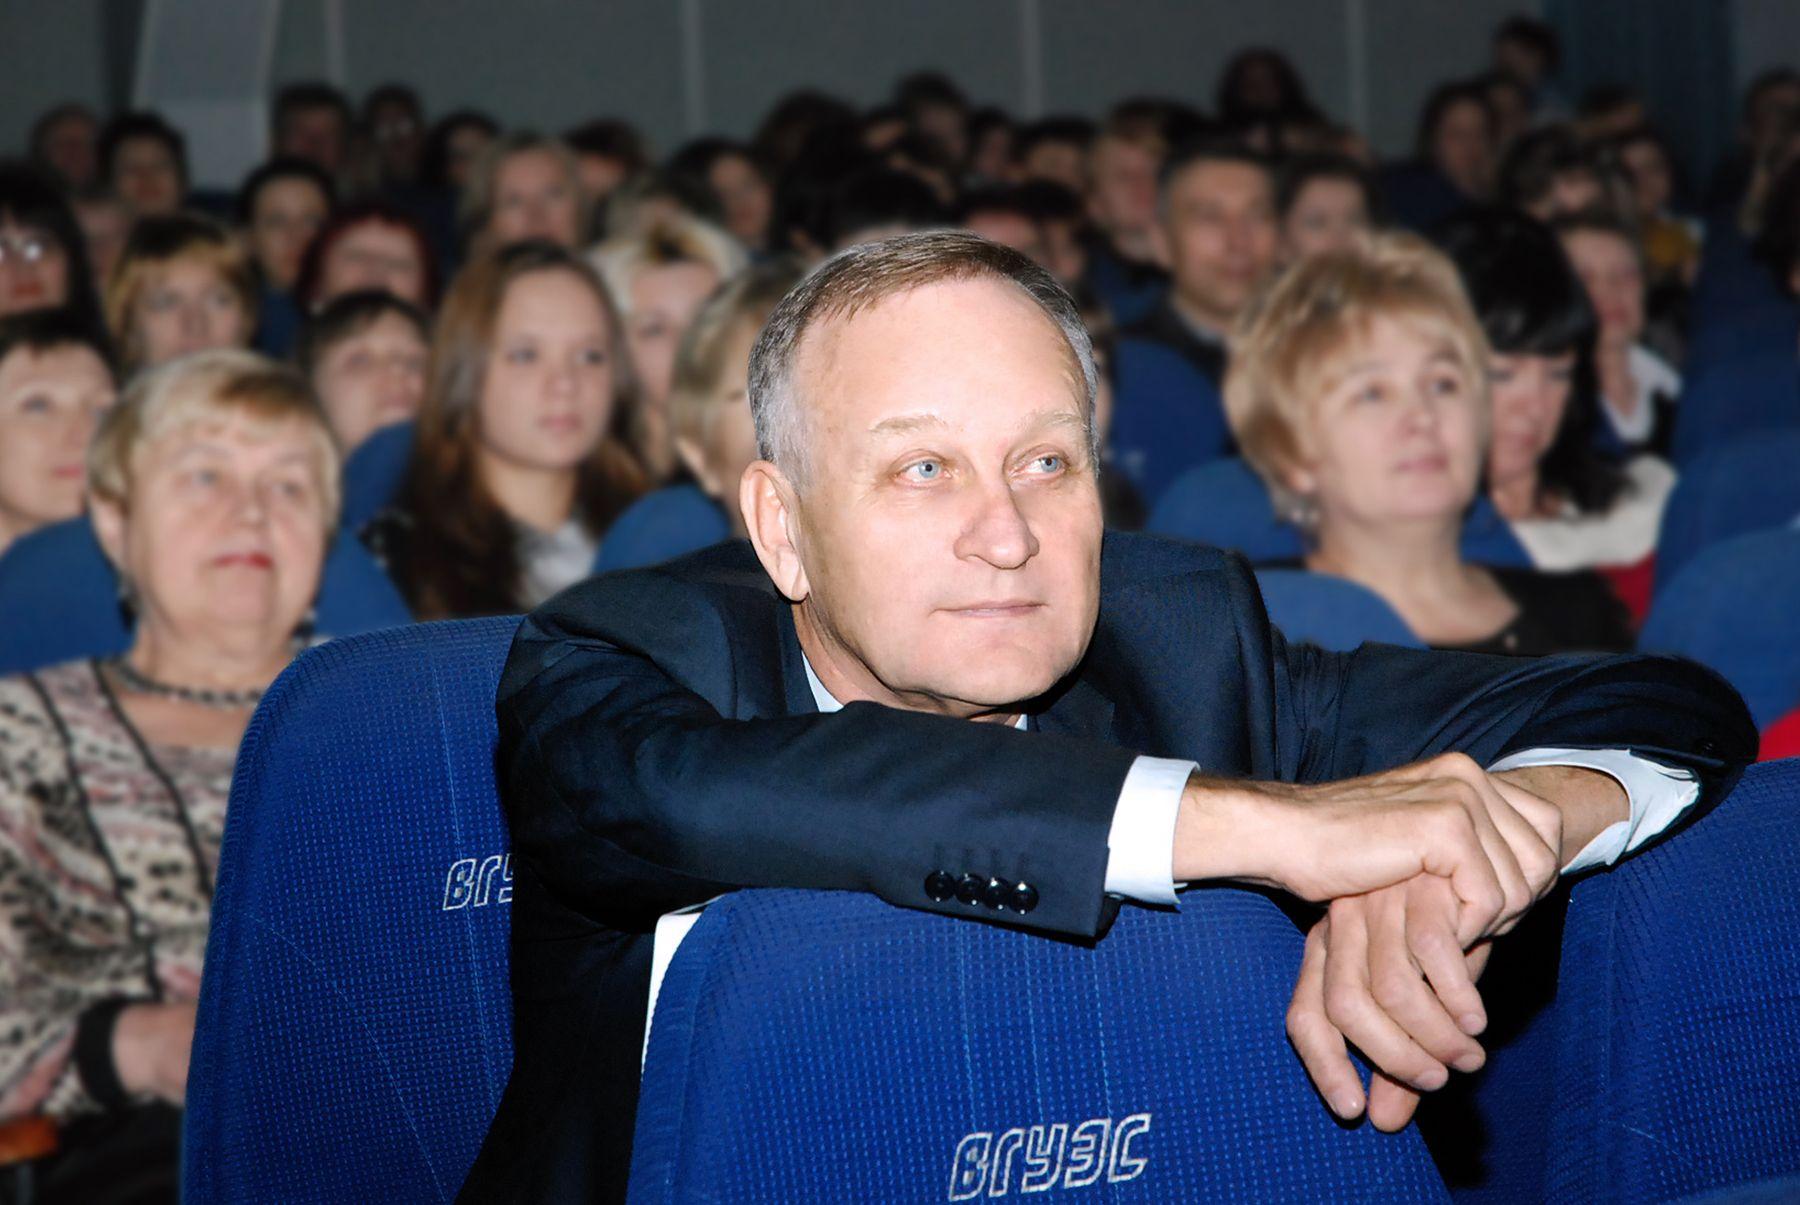 Поздравляем с днём рождения президента ВГУЭС Геннадия Иннокентьевича Лазарева!